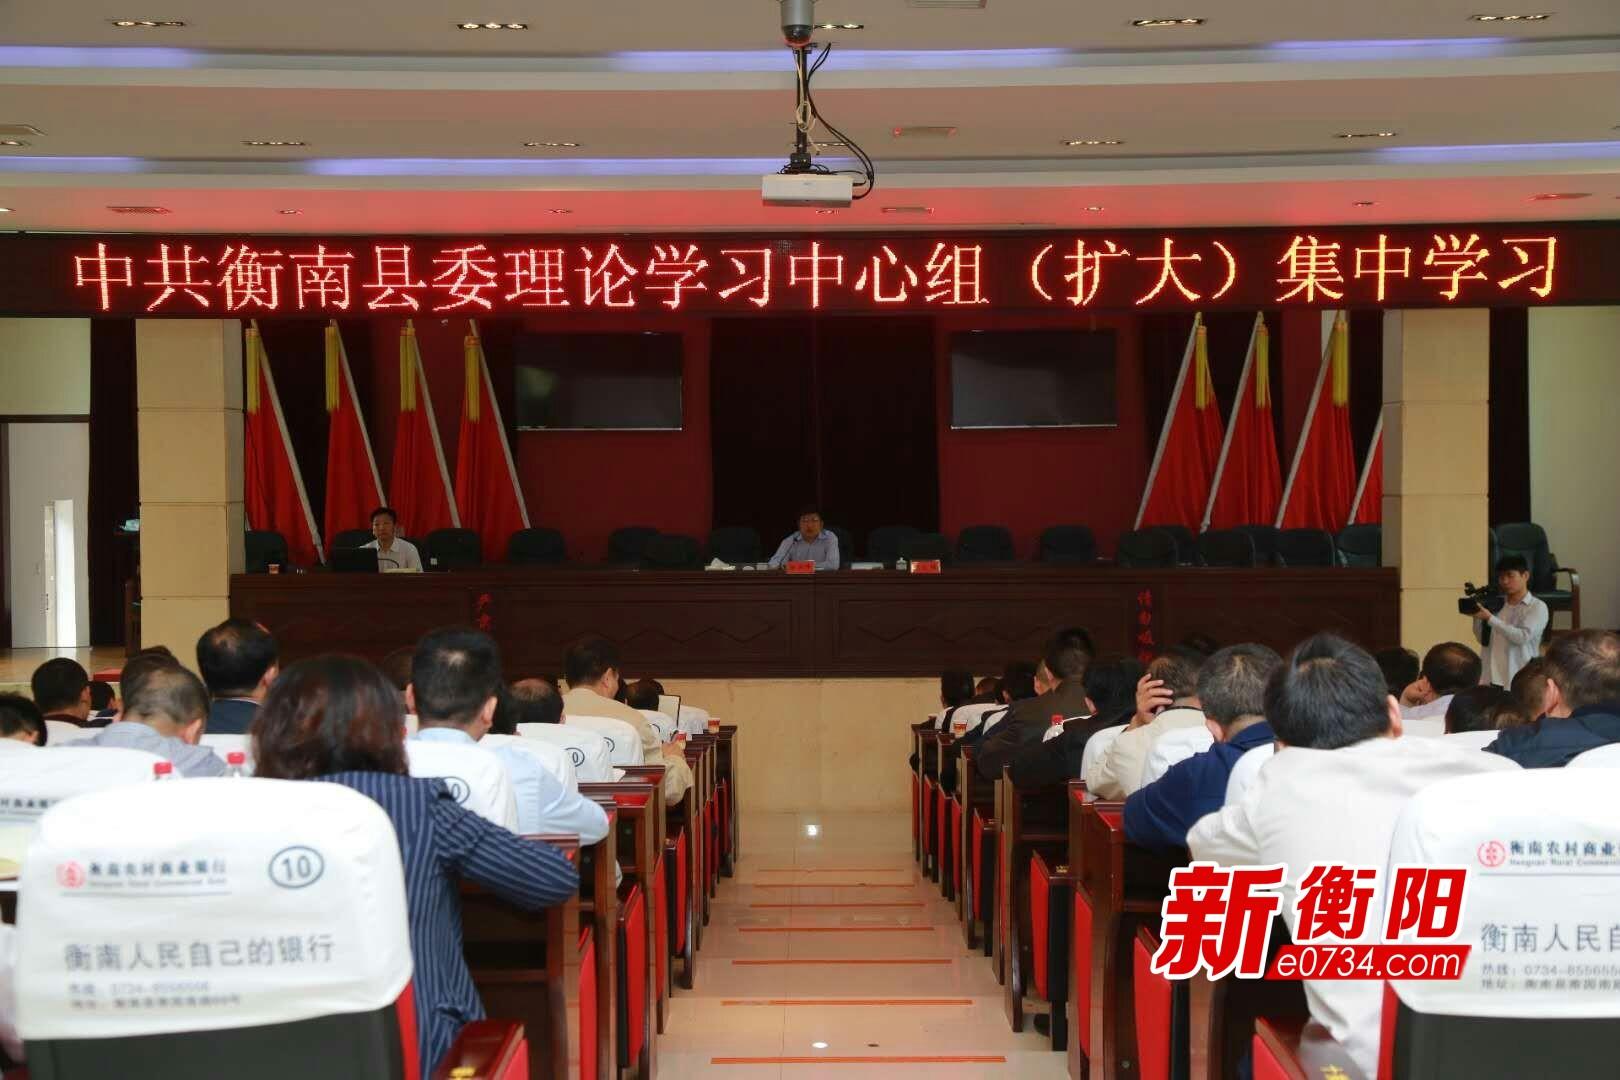 衡南县党代表忠诚职责 十九大精神宣讲竞相开展